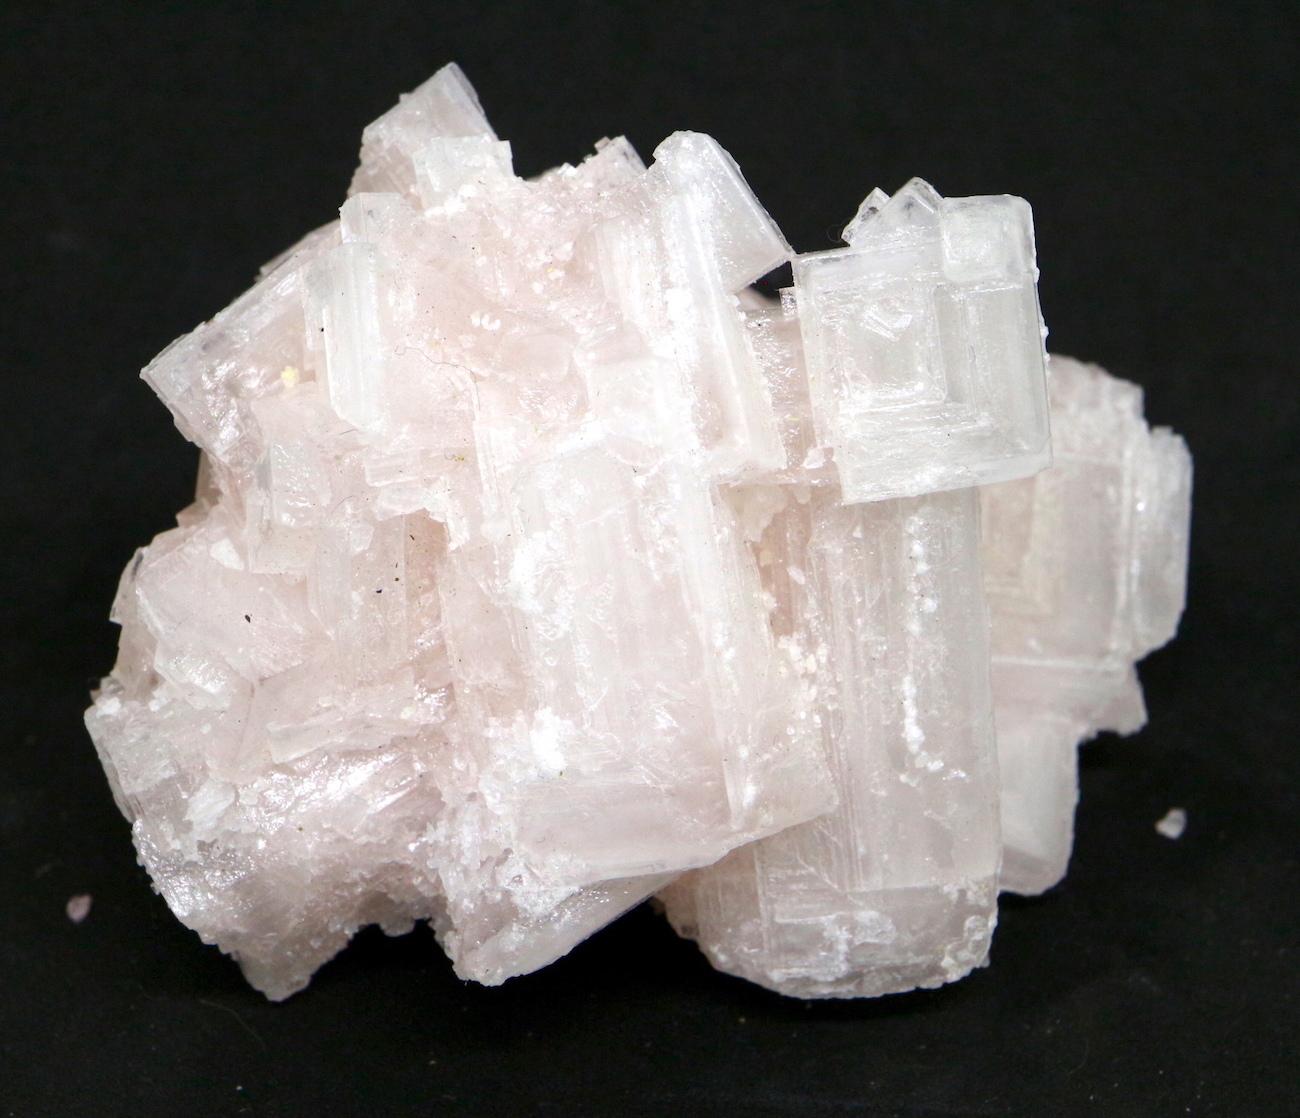 ピンクハーライト カリフォルニア産 159,3g 岩塩 PH064 鉱物 天然石 浄化 パワーストーン